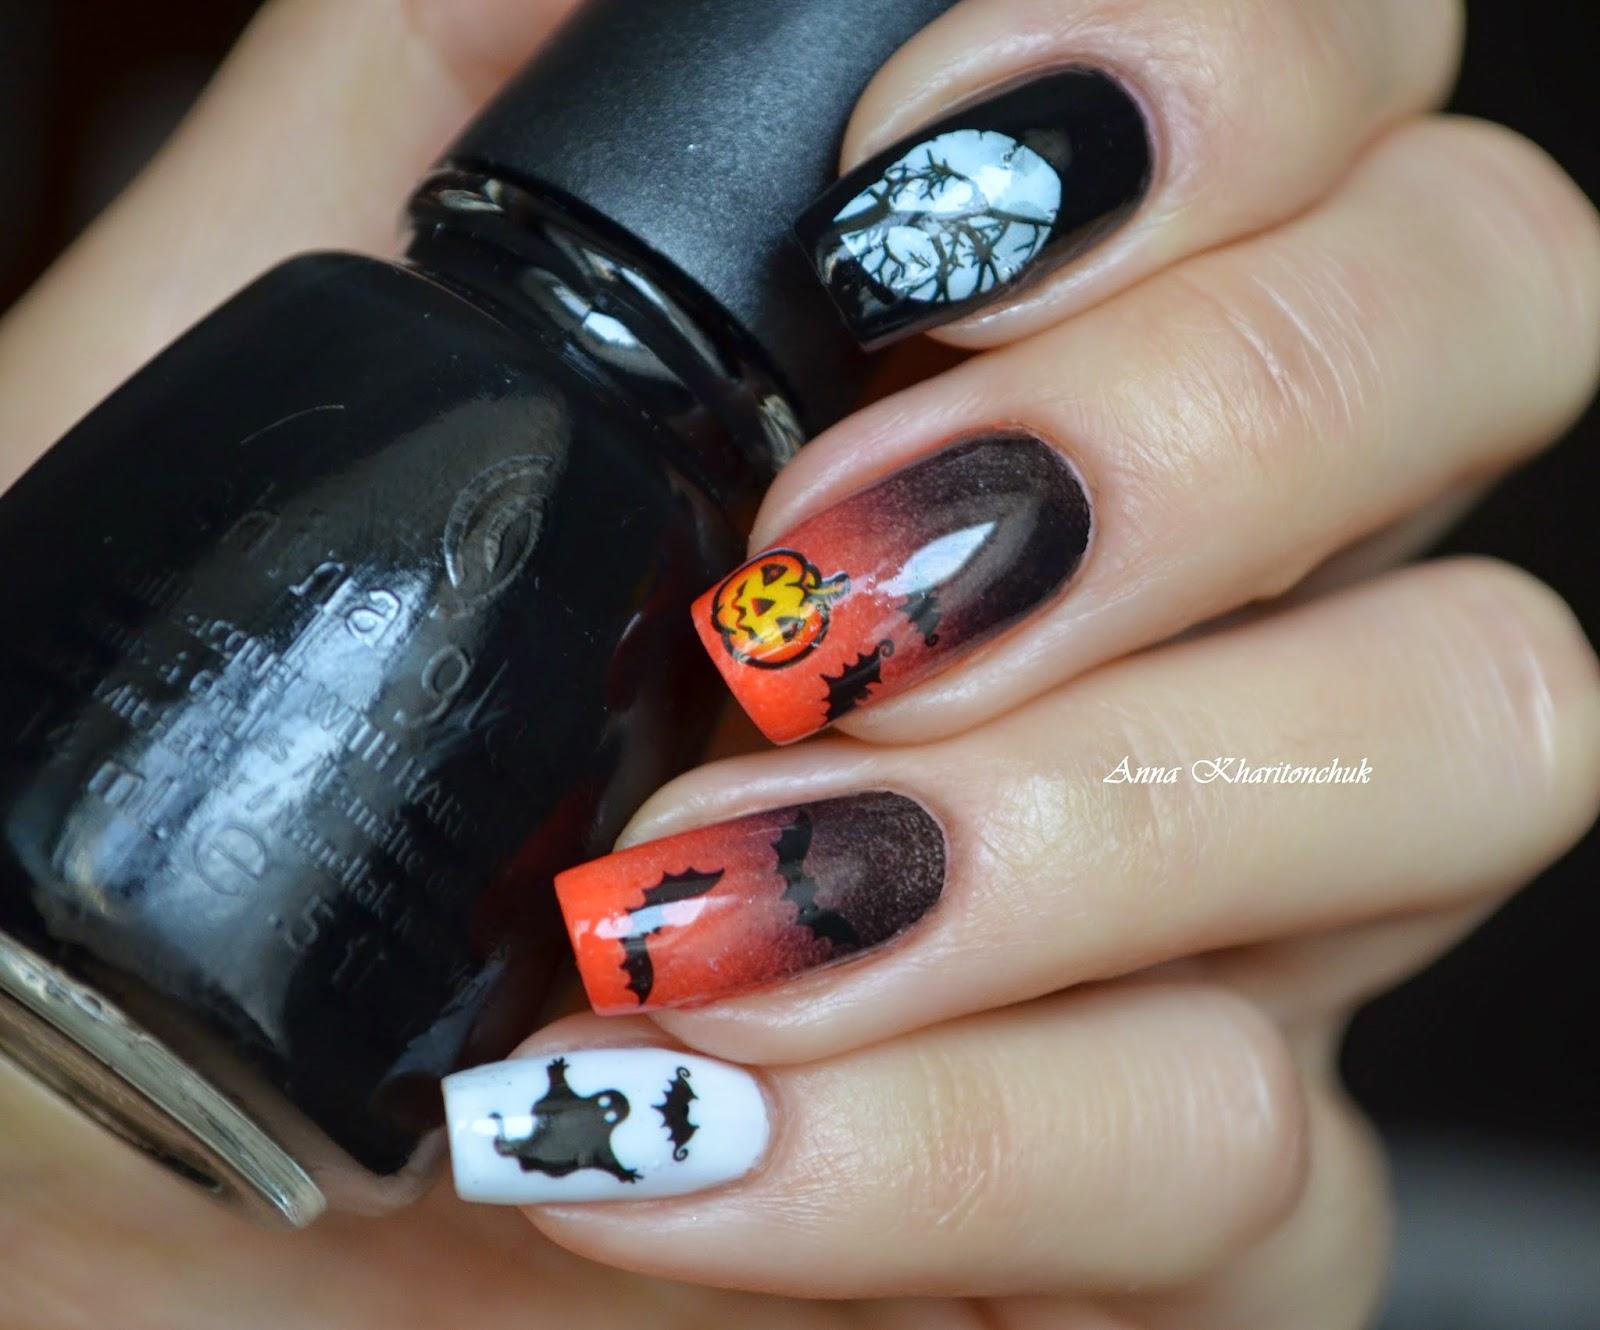 Маникюр на Halloween, градиент и слайдер-дизайн